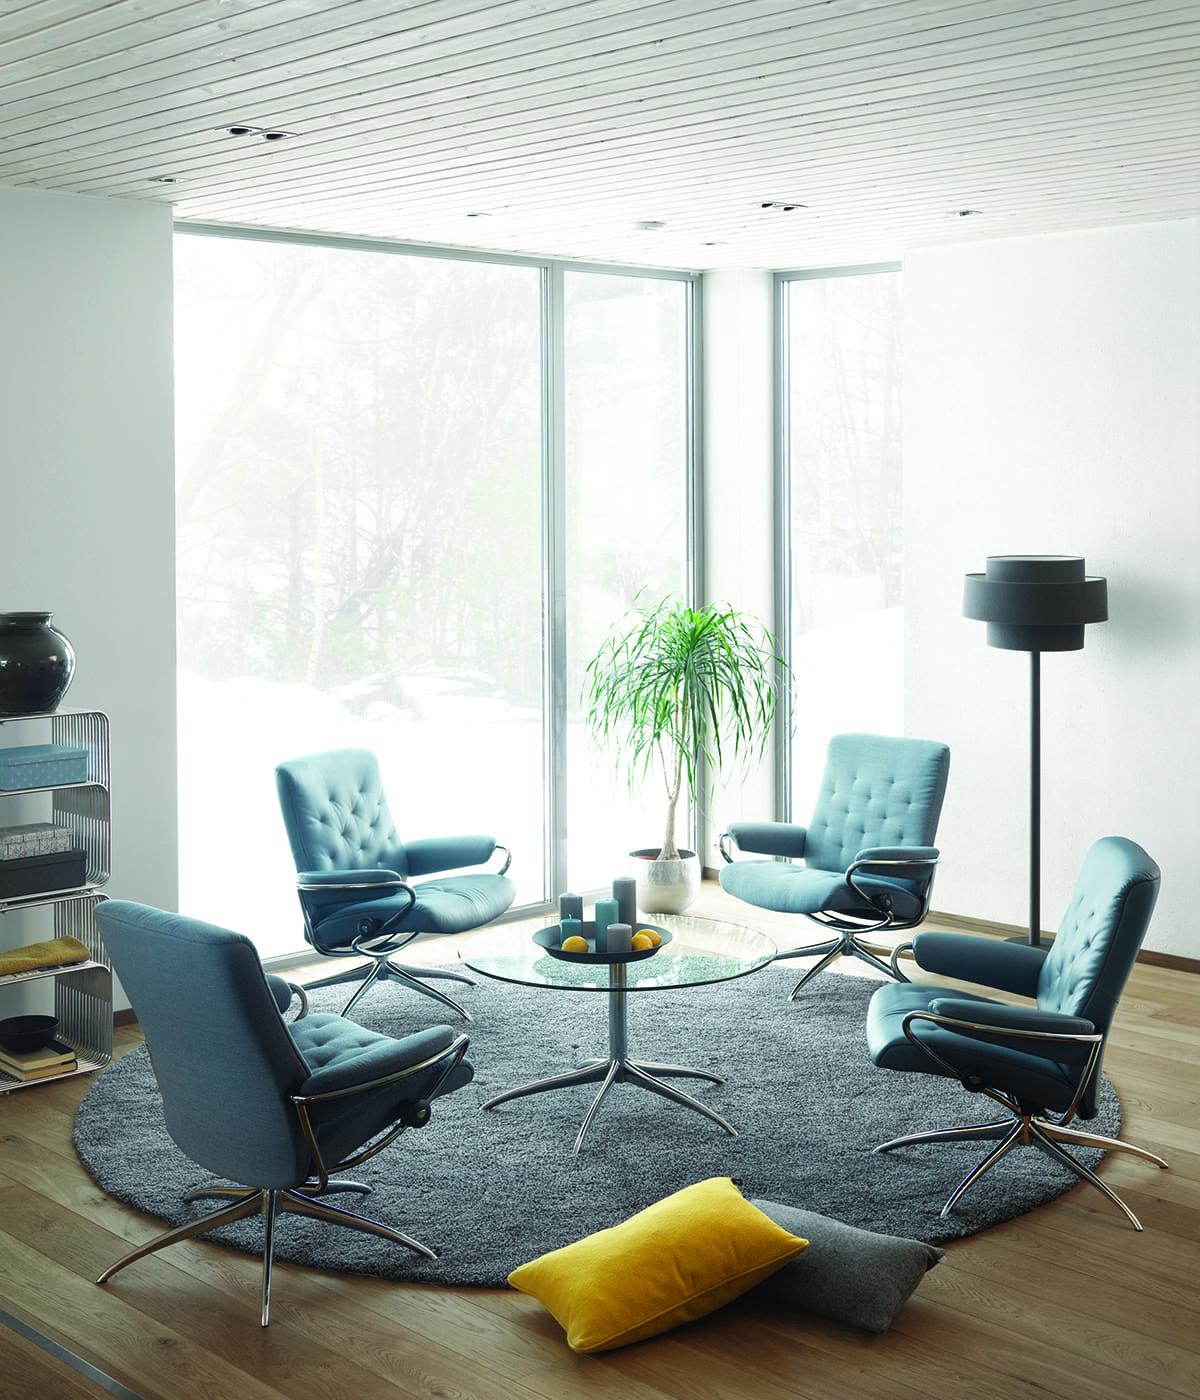 Eine gemütliche Sitzgruppe wie hier aus Stressless Metro Sesseln schafft ein einladendes Zuhause.